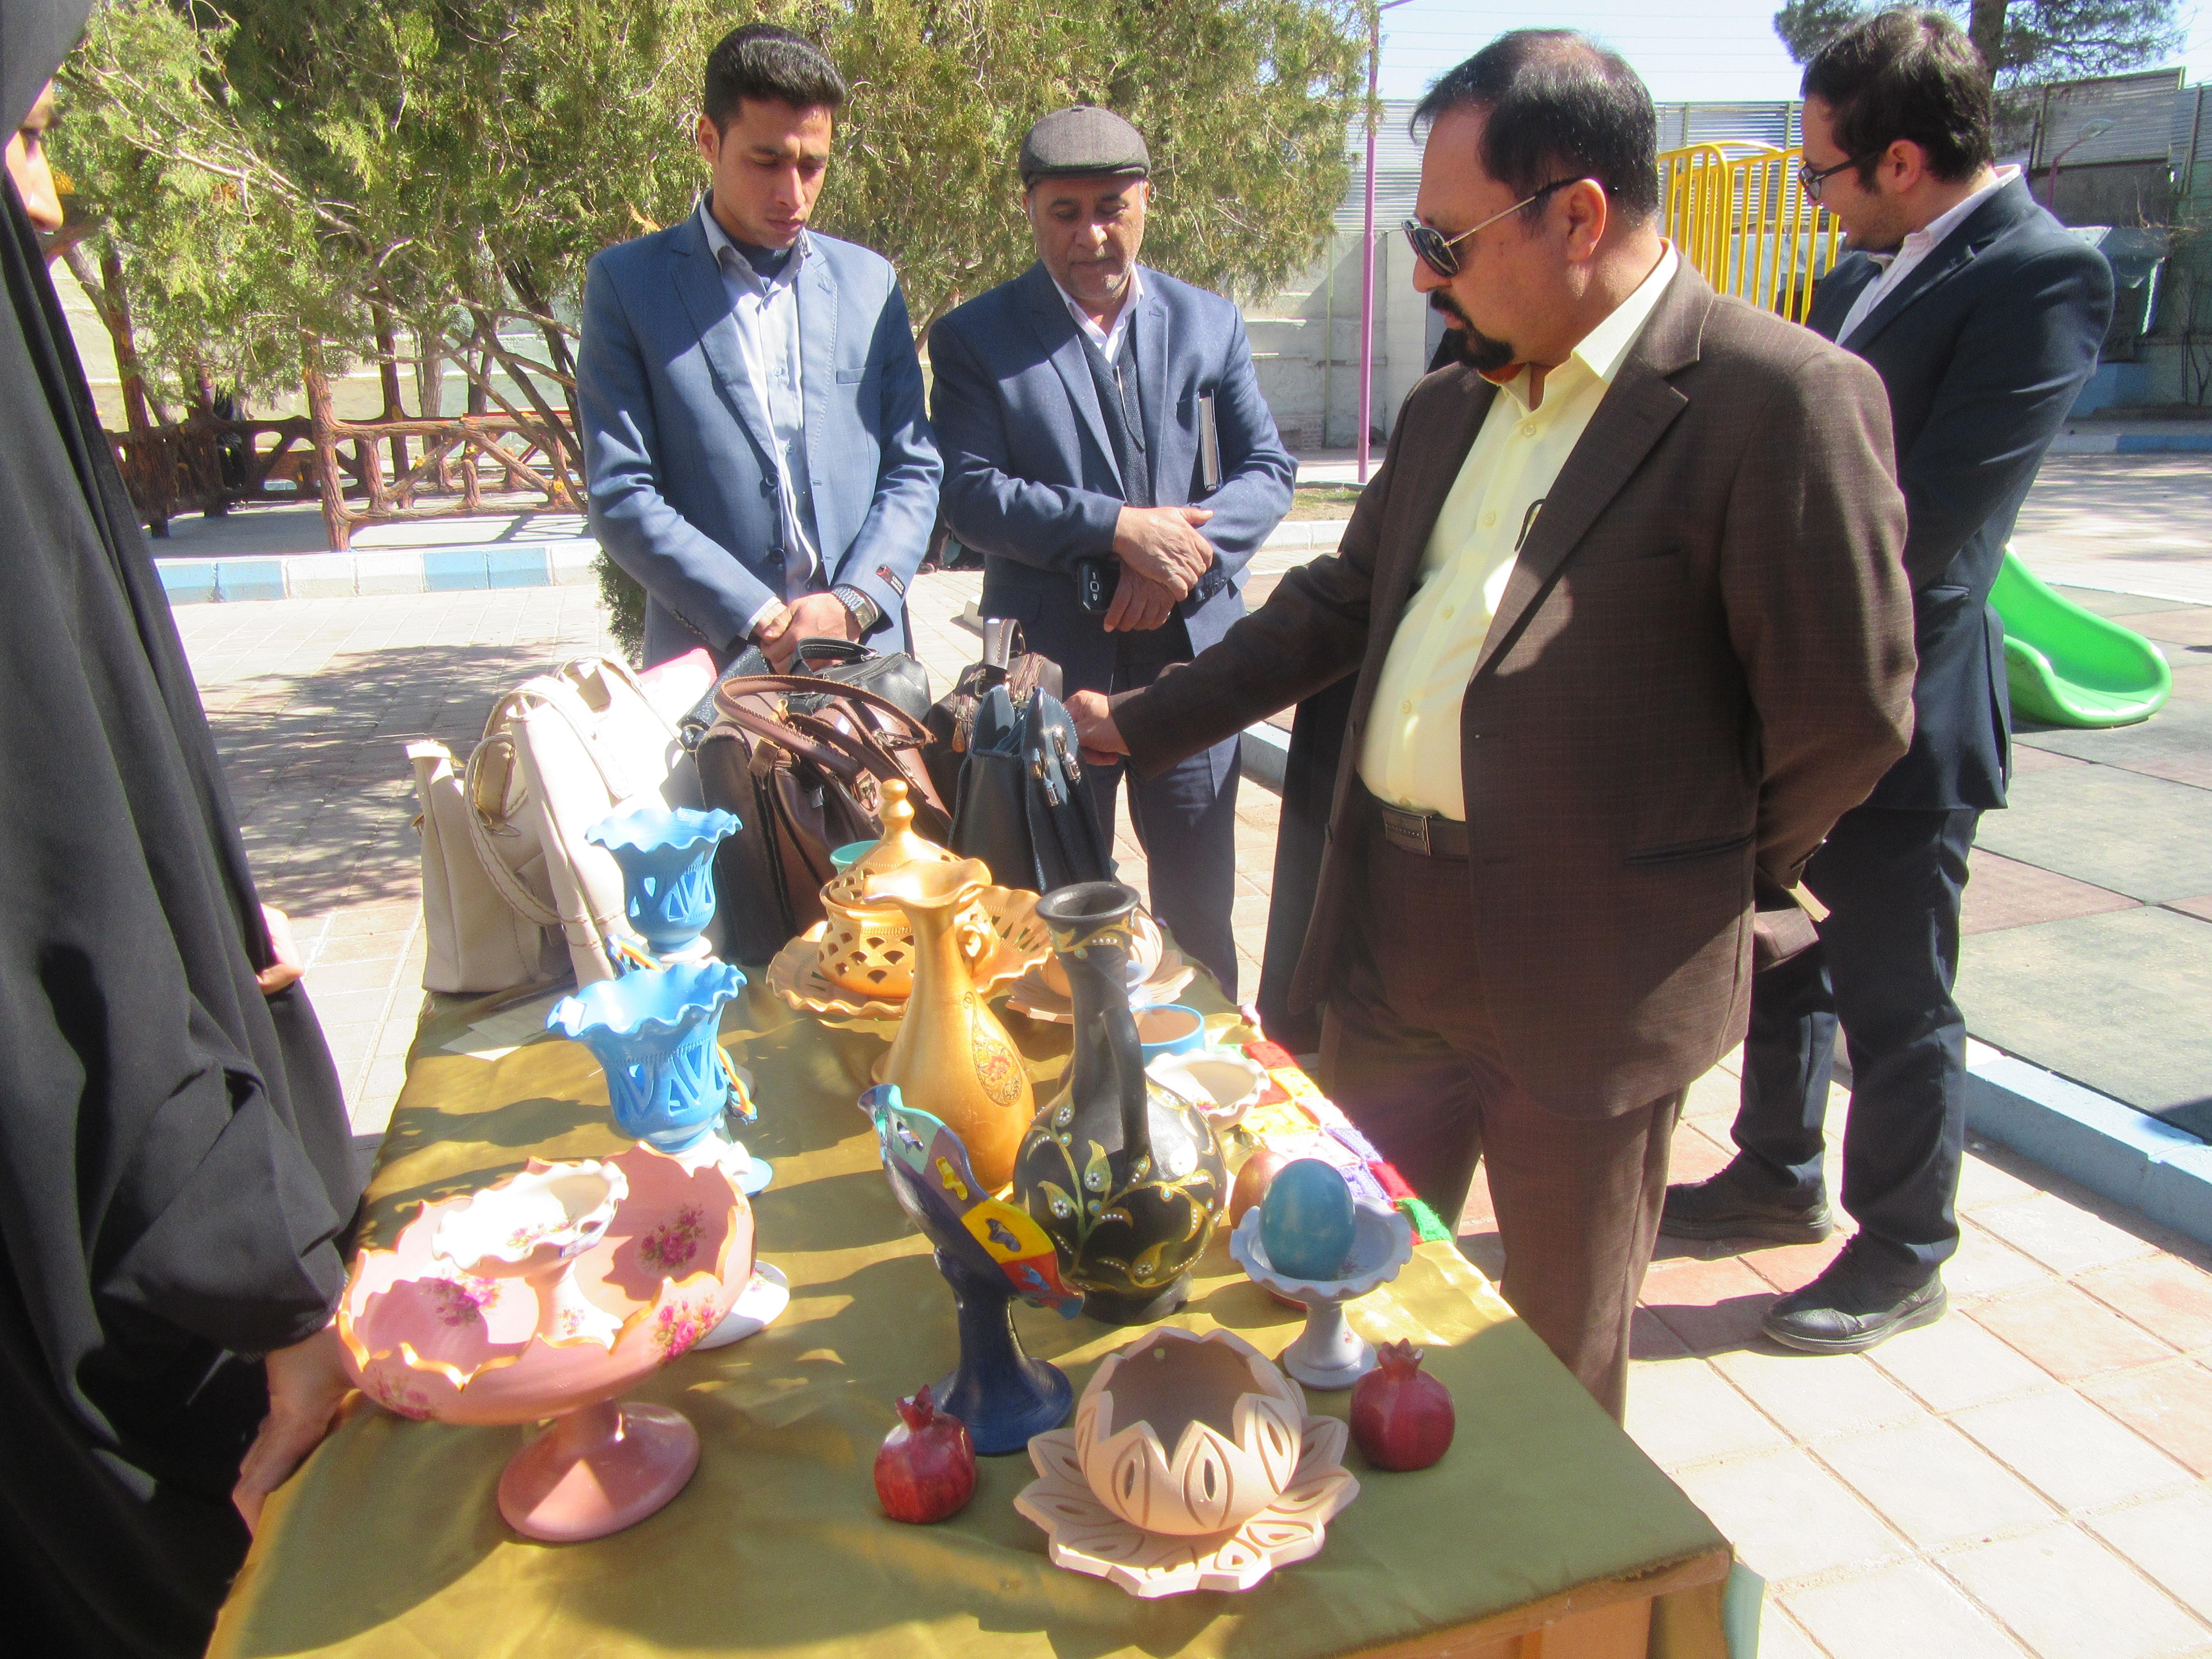 در اولین روز از هفته گرامیداشت مقام زن و روز مادر : نمایشگاه عرضه و فروش هنرهای دستی بانوانی خوافی افتتاح شد/گزارش تصویری